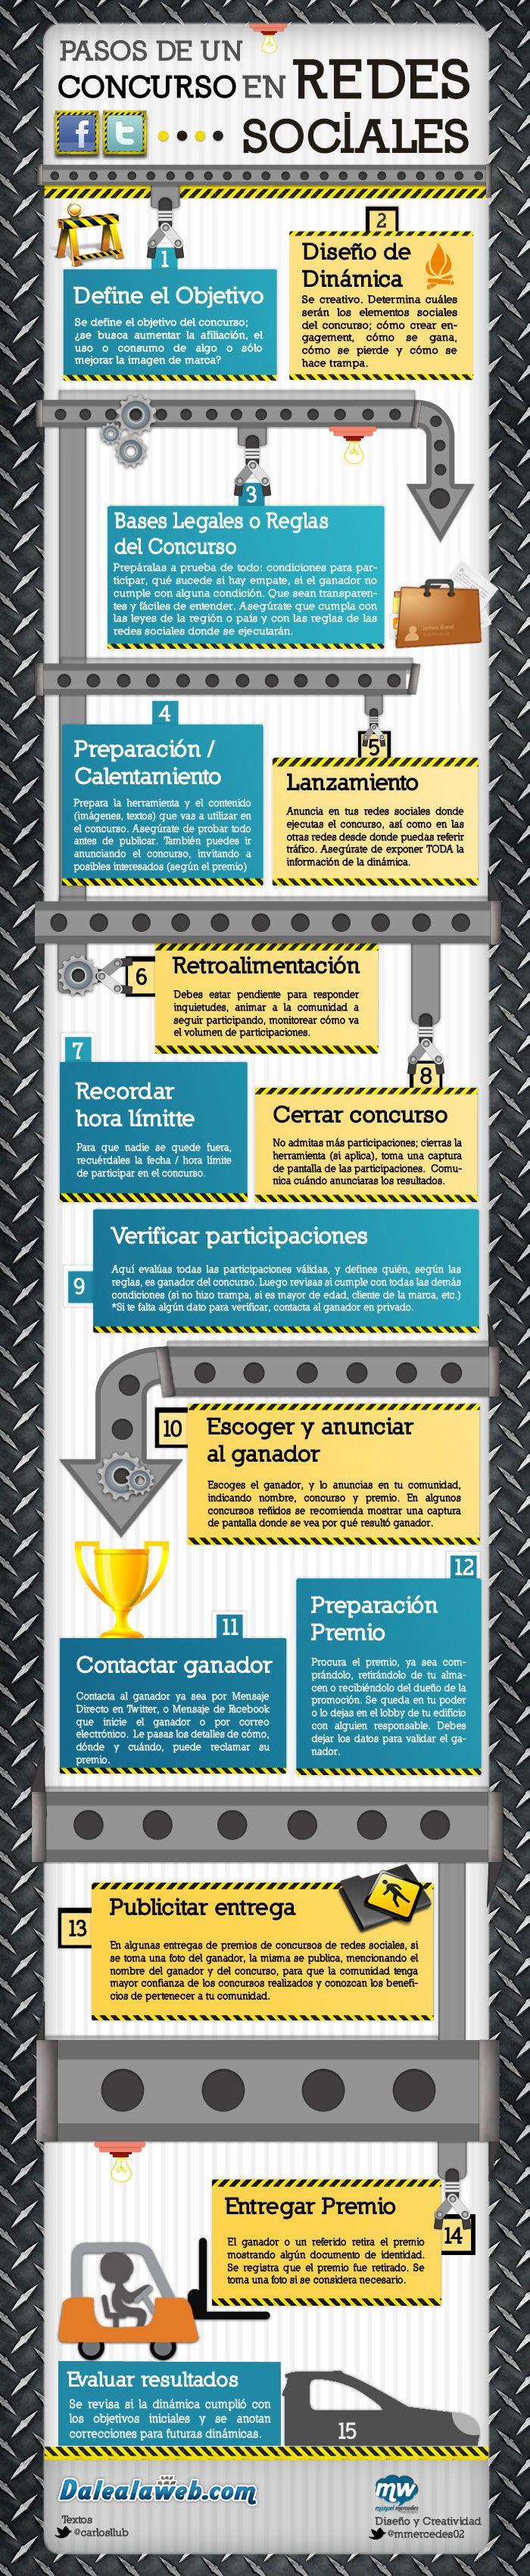 concursos_redes